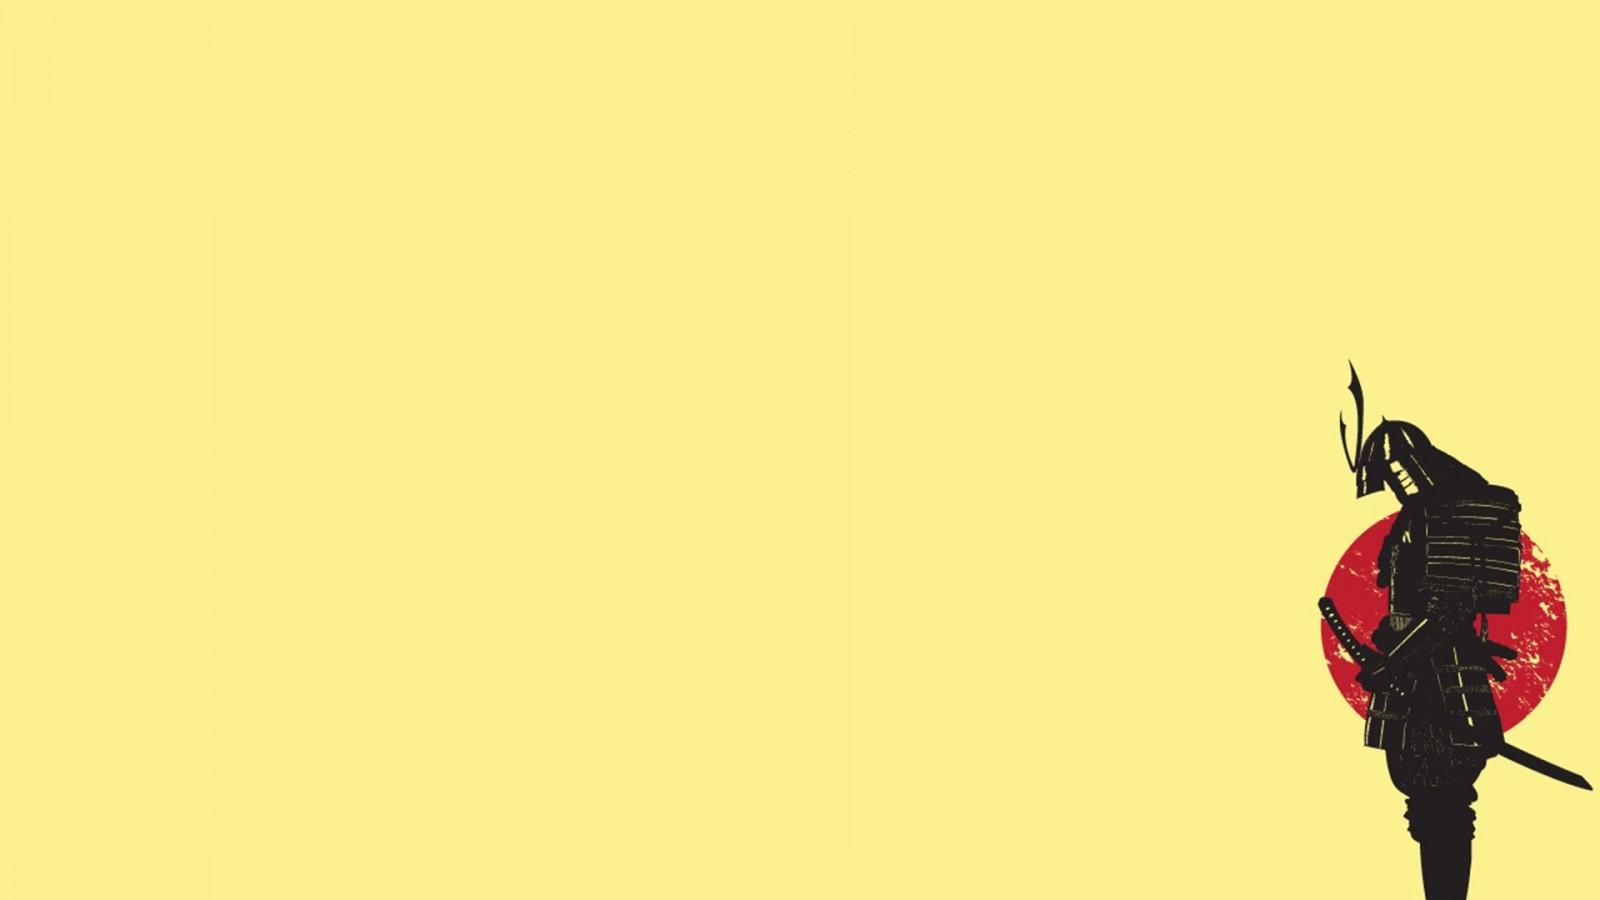 темы самурай для рабочего стола windows 8.1